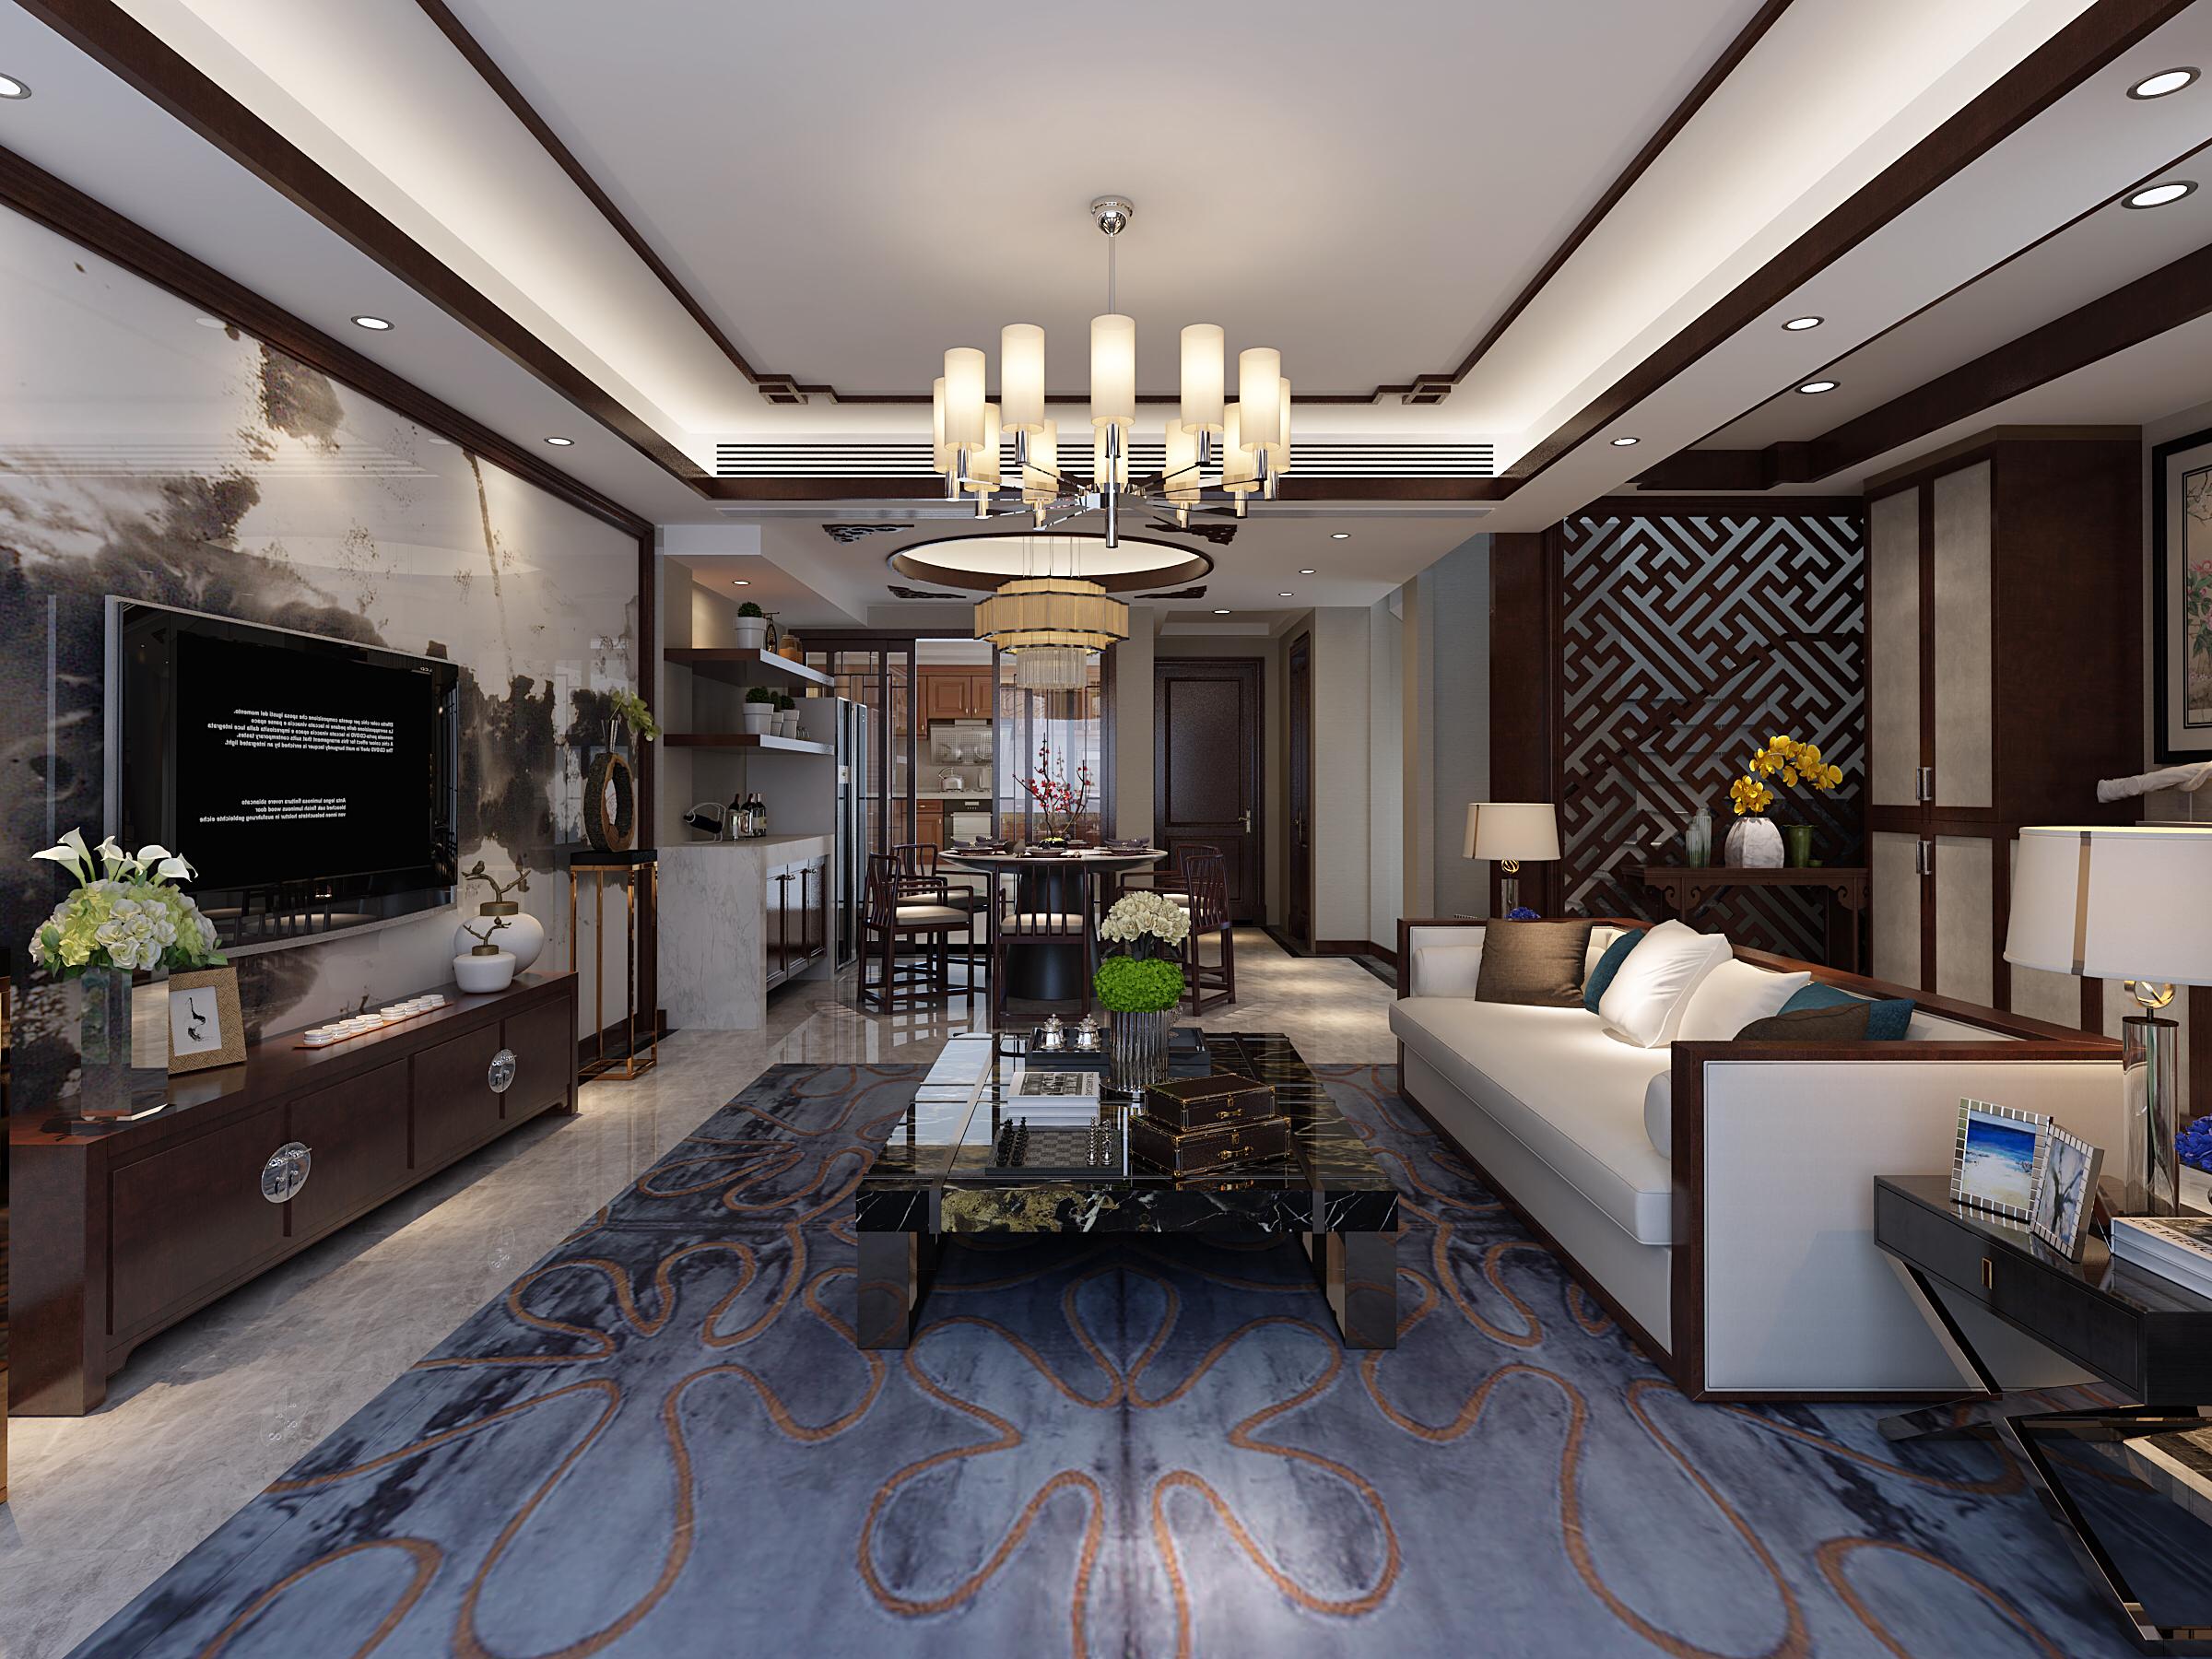 阳光花满墅 上海拉齐娜建筑装饰设计工程有限公司